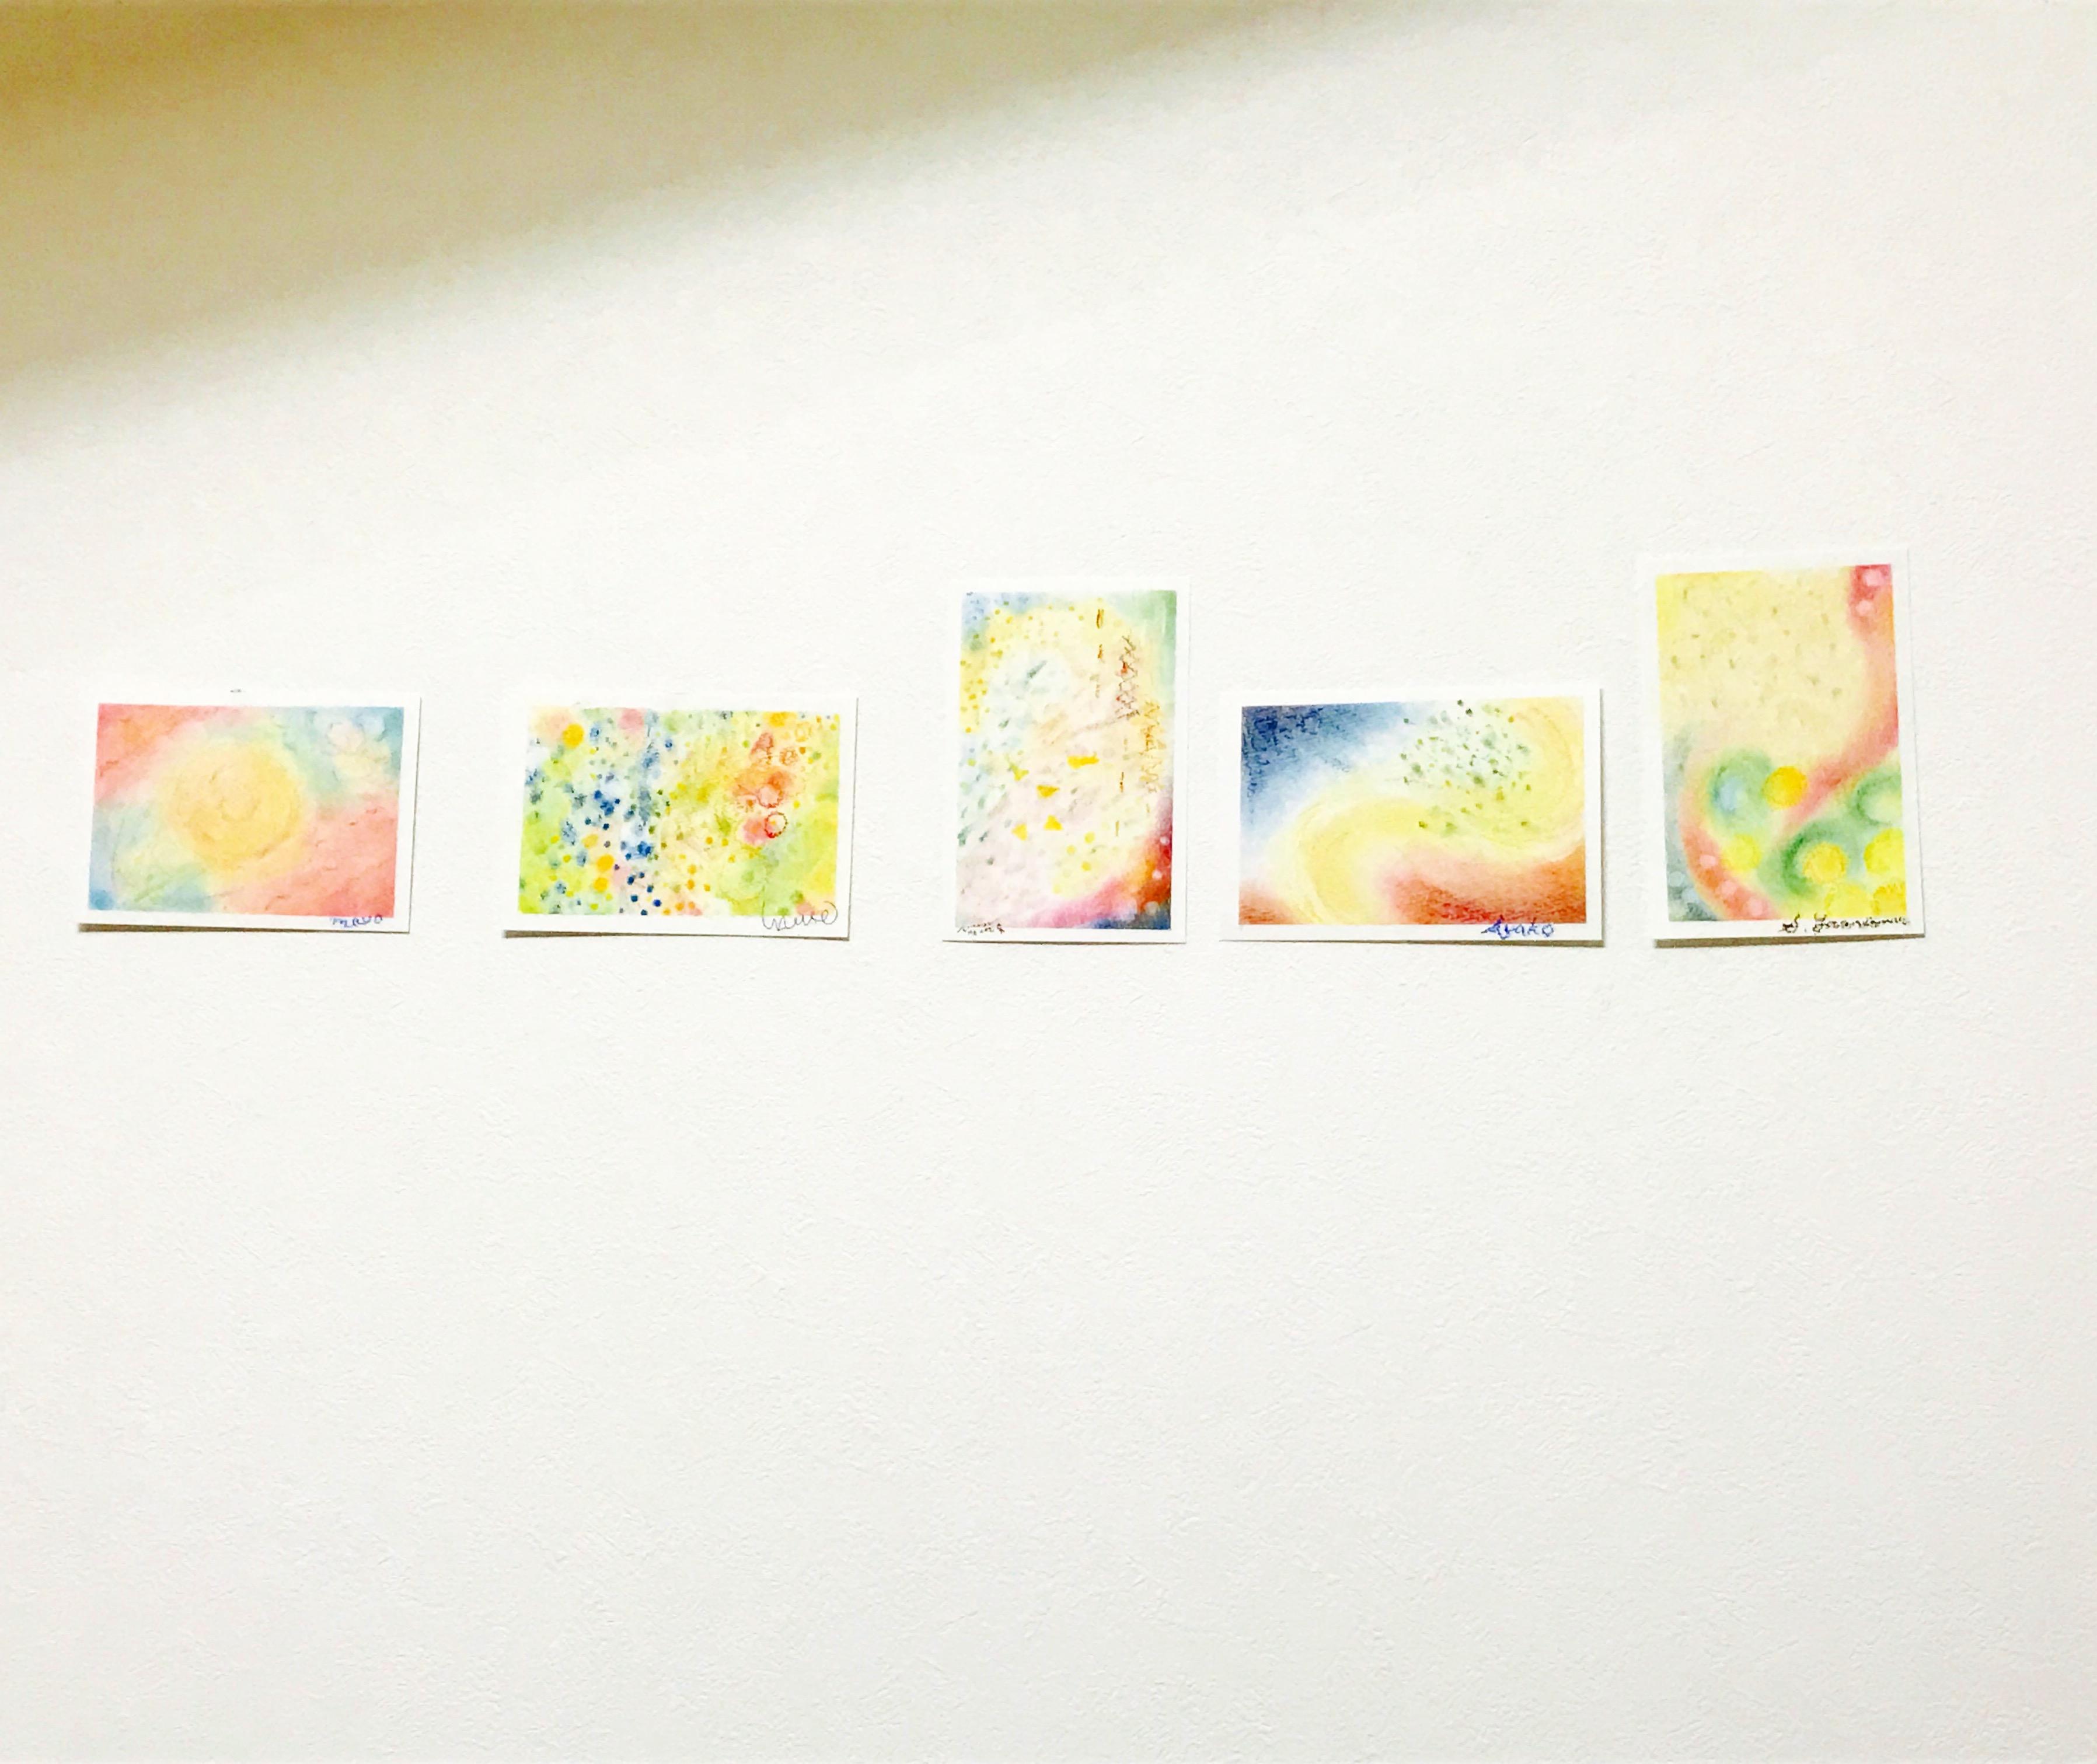 パステルアート,3色パステルアート,パステル画,共感覚,共感覚アート,五感